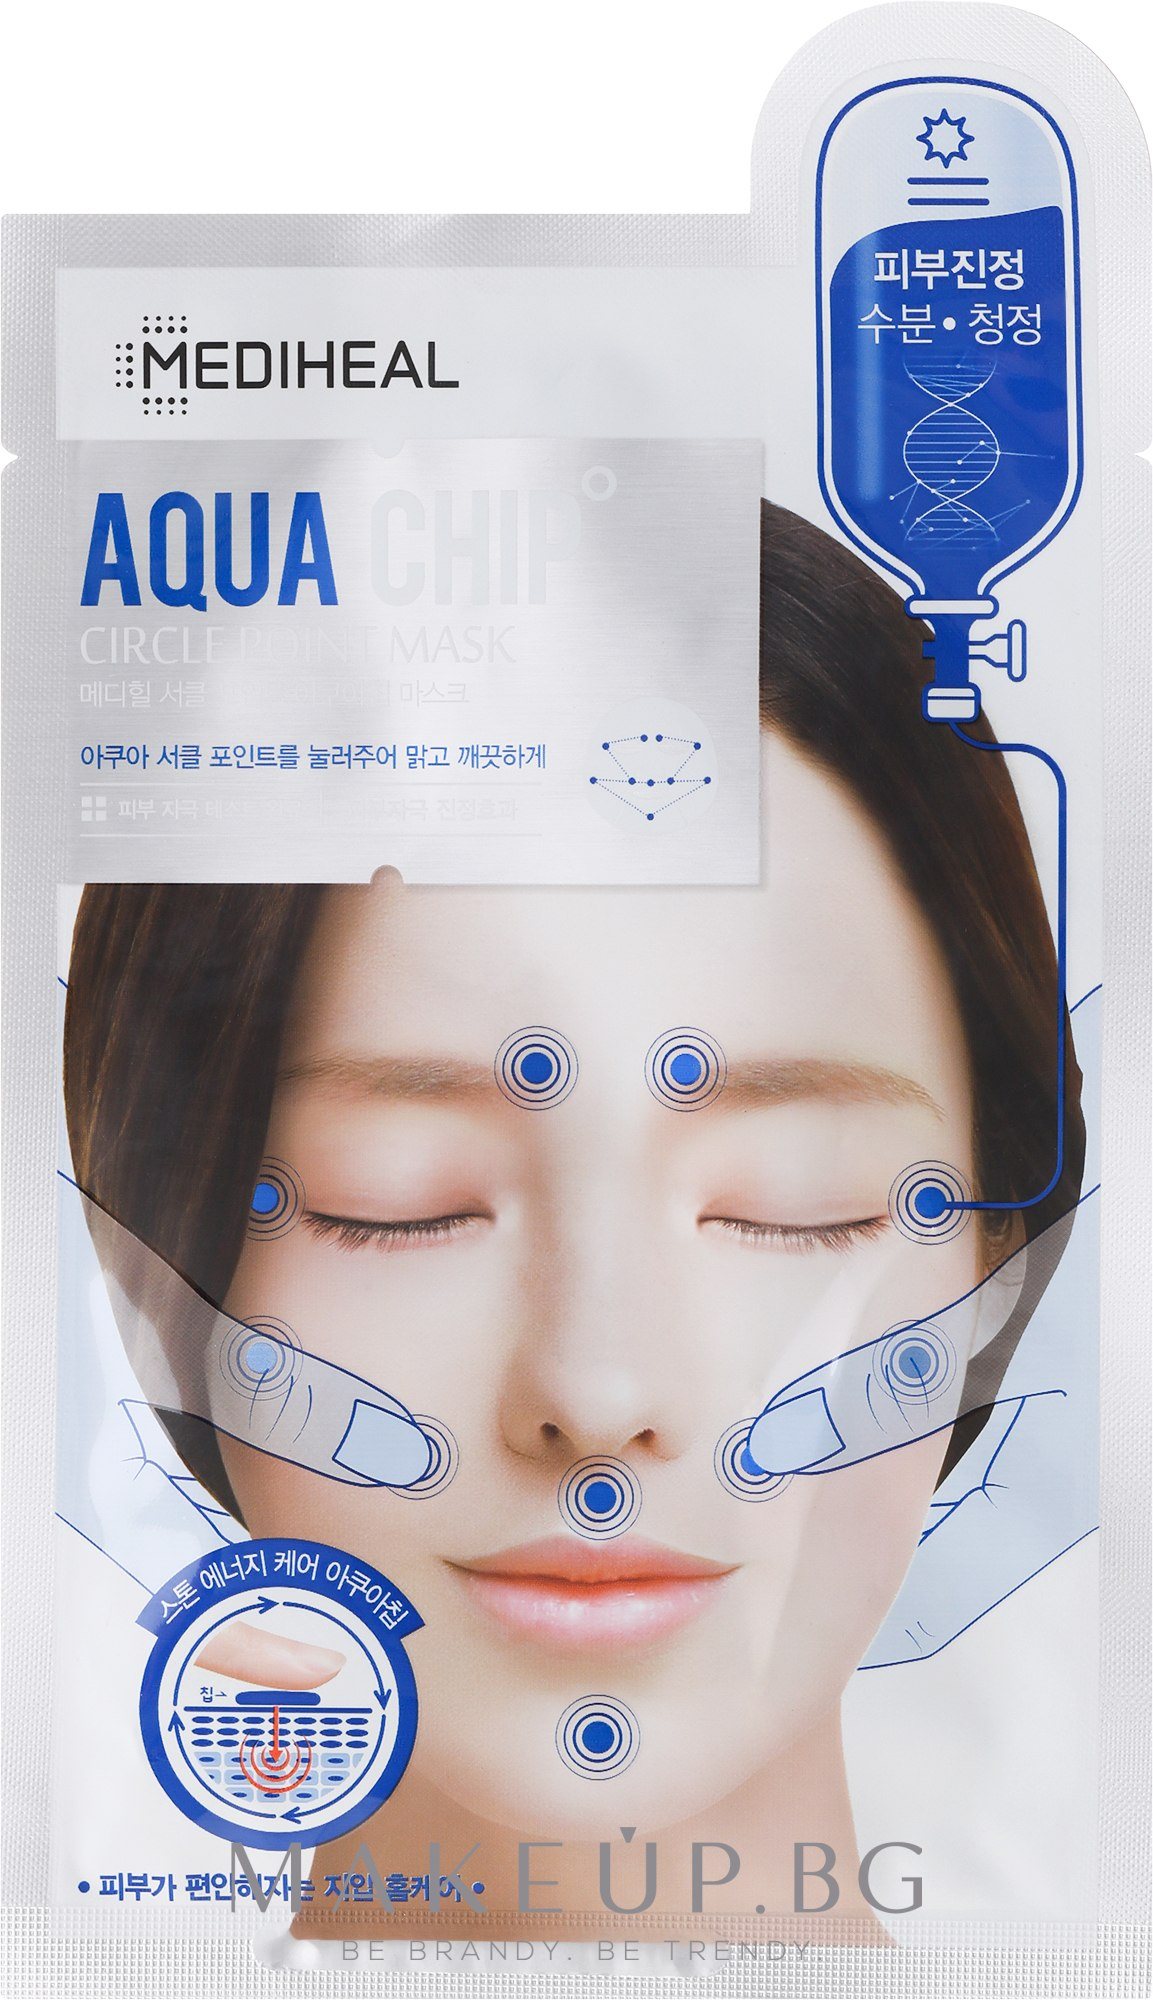 Успокояваща маска за лице - Mediheal Aqua Chip Circle Point Mask — снимка 25 ml